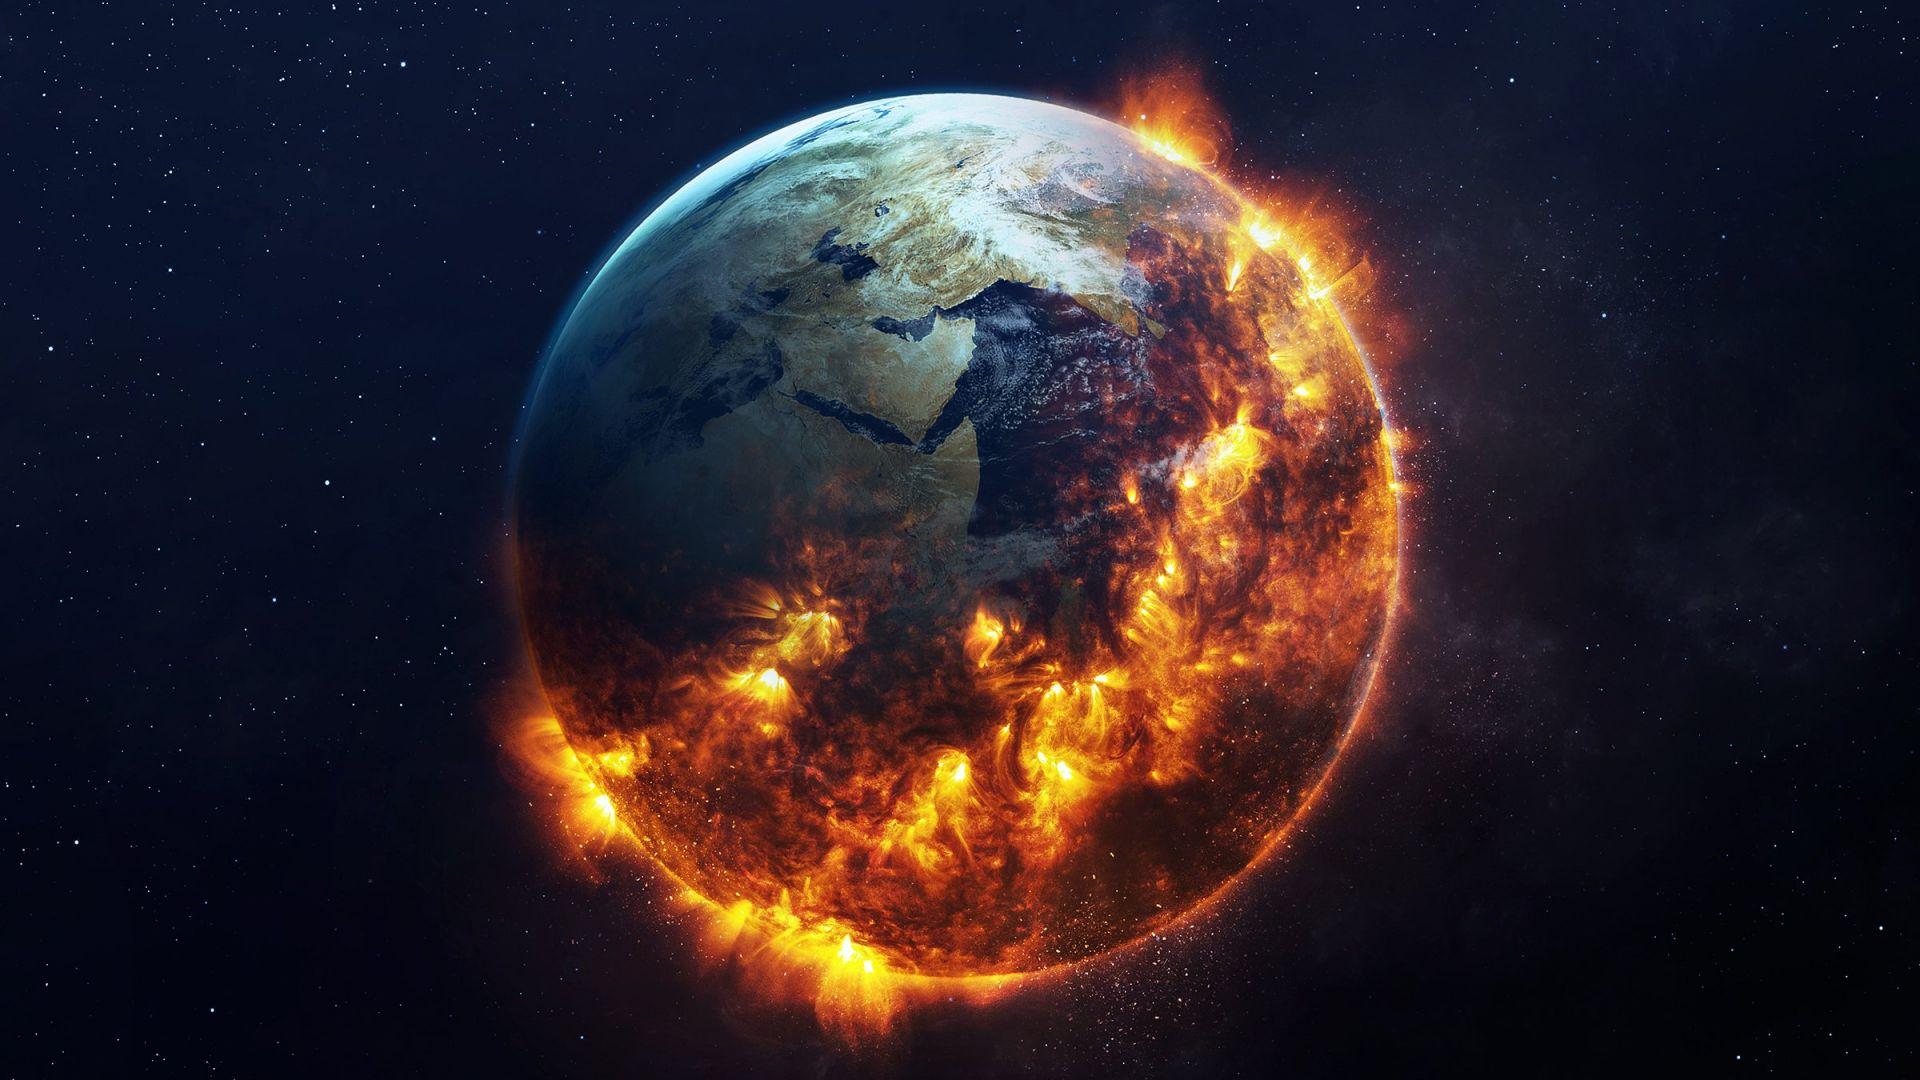 Животът на Земята е станал възможен след сблъсък с друга планета